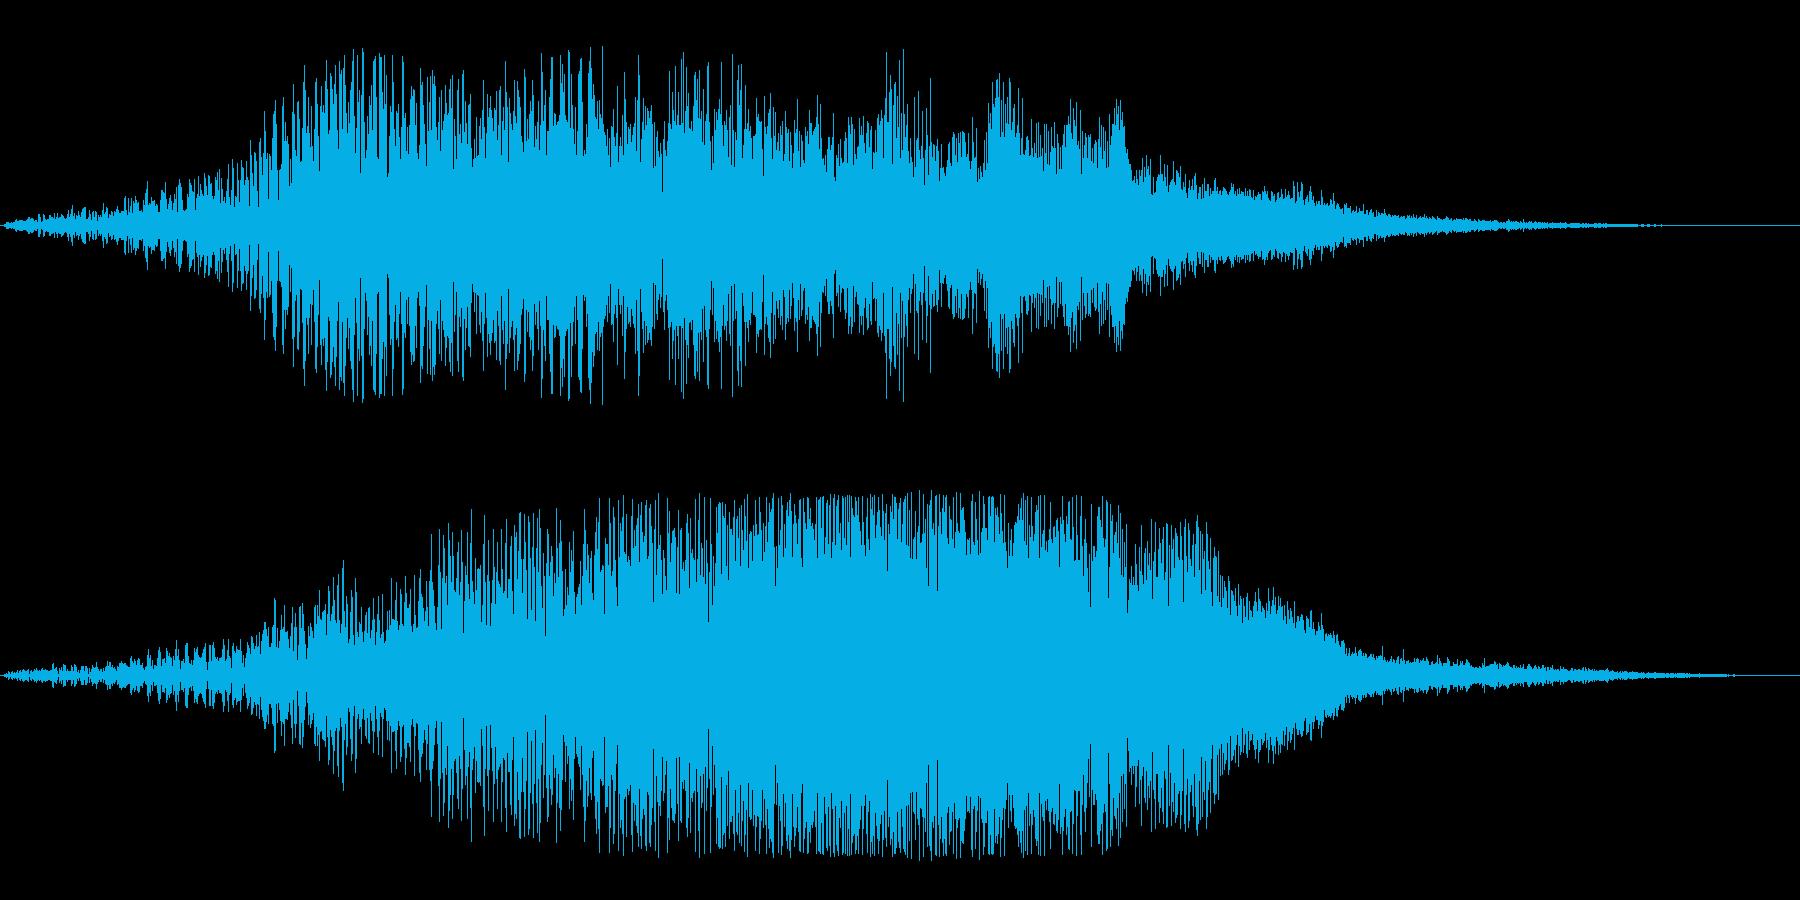 メニュー画面の音(パソコン、ゲーム)の再生済みの波形